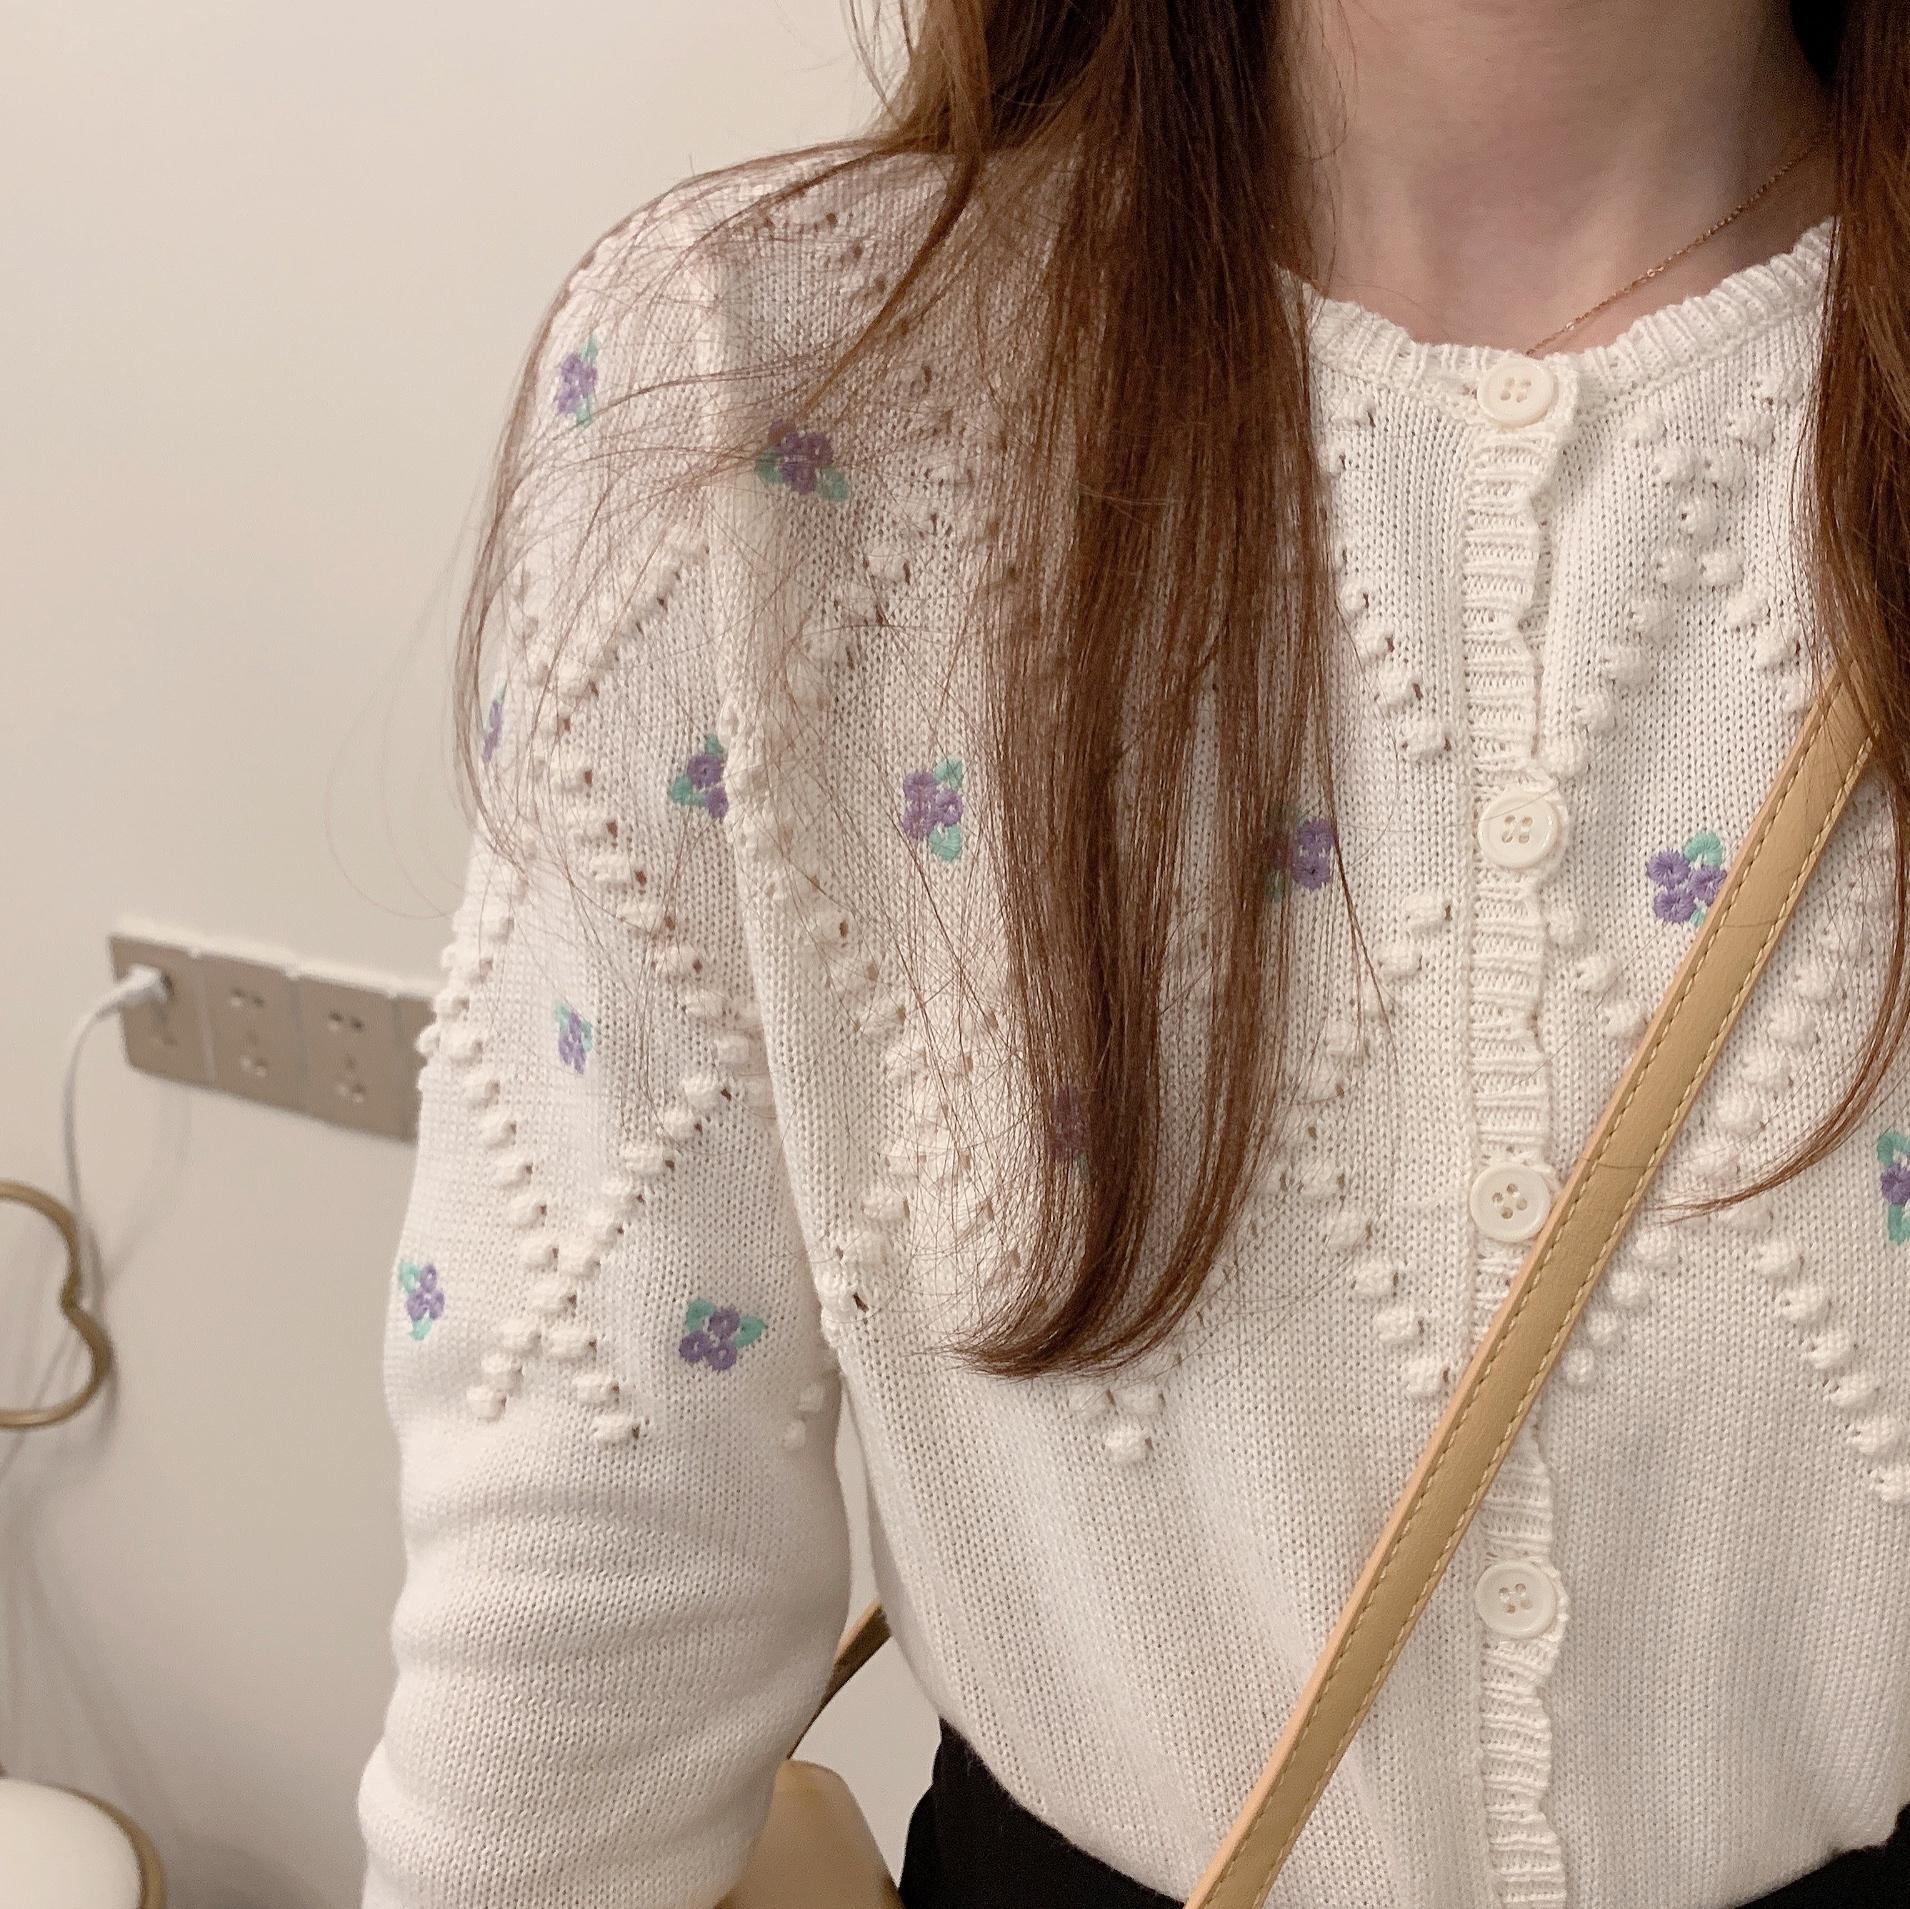 〈カフェシリーズ〉ブルーベリーの刺繍カーディガン【blueberry embroidery cardigan】